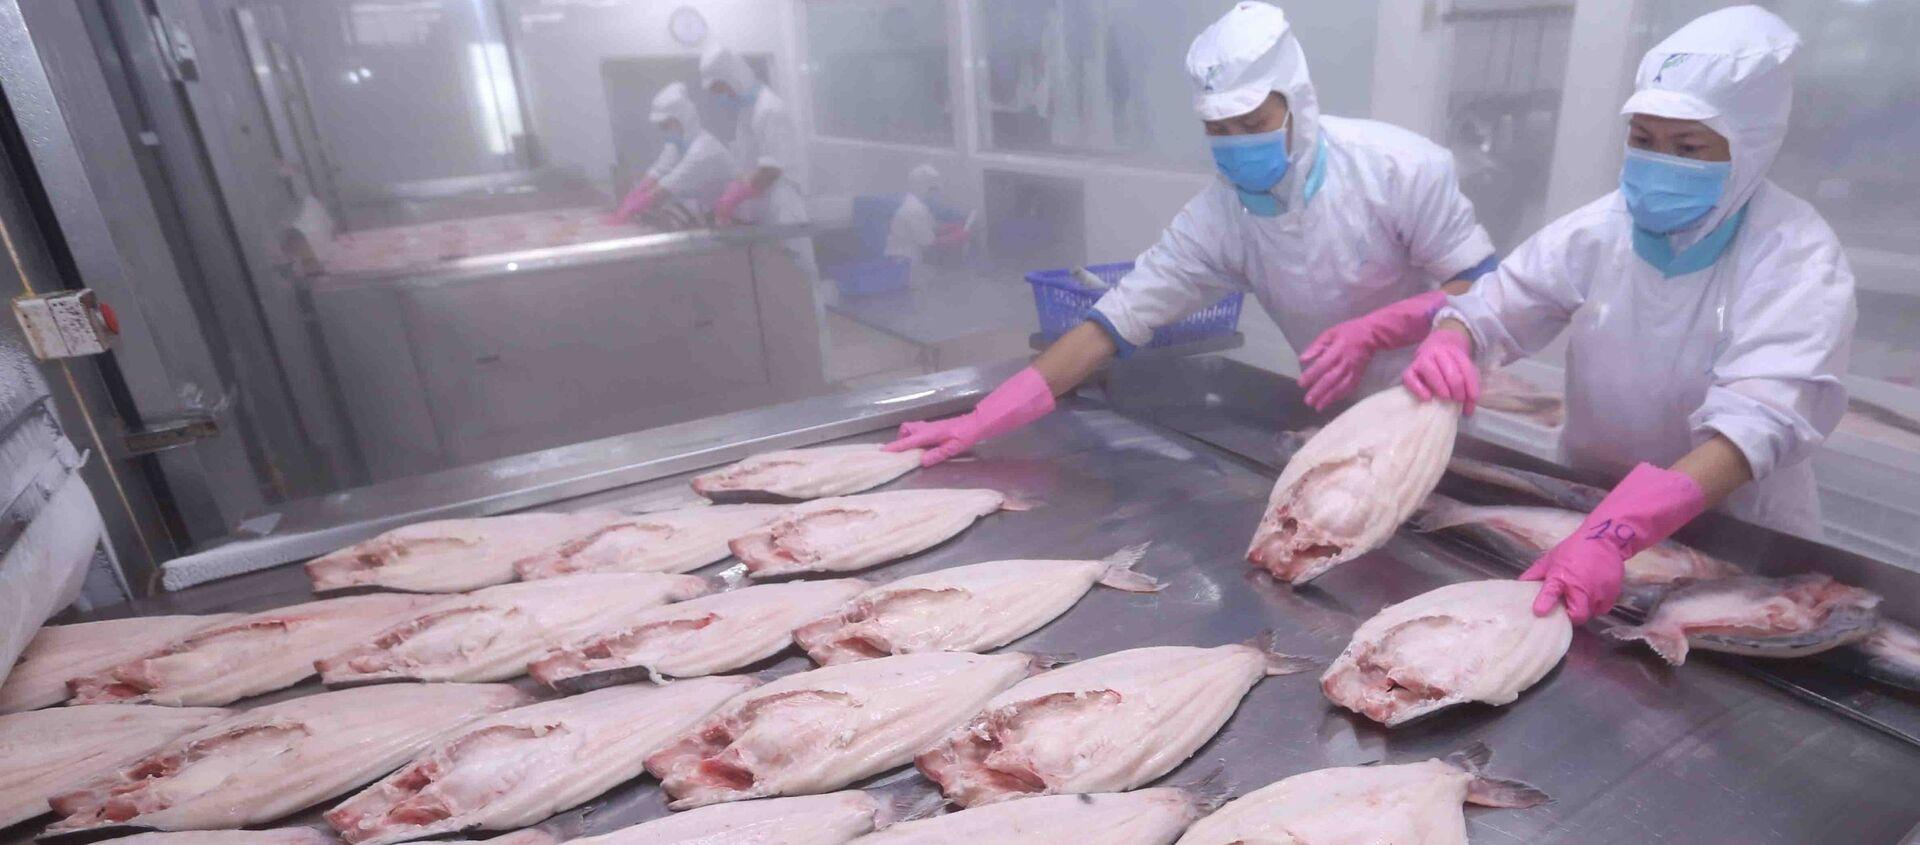 Thị trường EU hiện đang là thị trường xuất khẩu thủy sản đứng thứ hai của Việt Nam, chiếm trọng 17% tổng giá trị xuất khẩu thủy sản.  - Sputnik Việt Nam, 1920, 06.07.2019